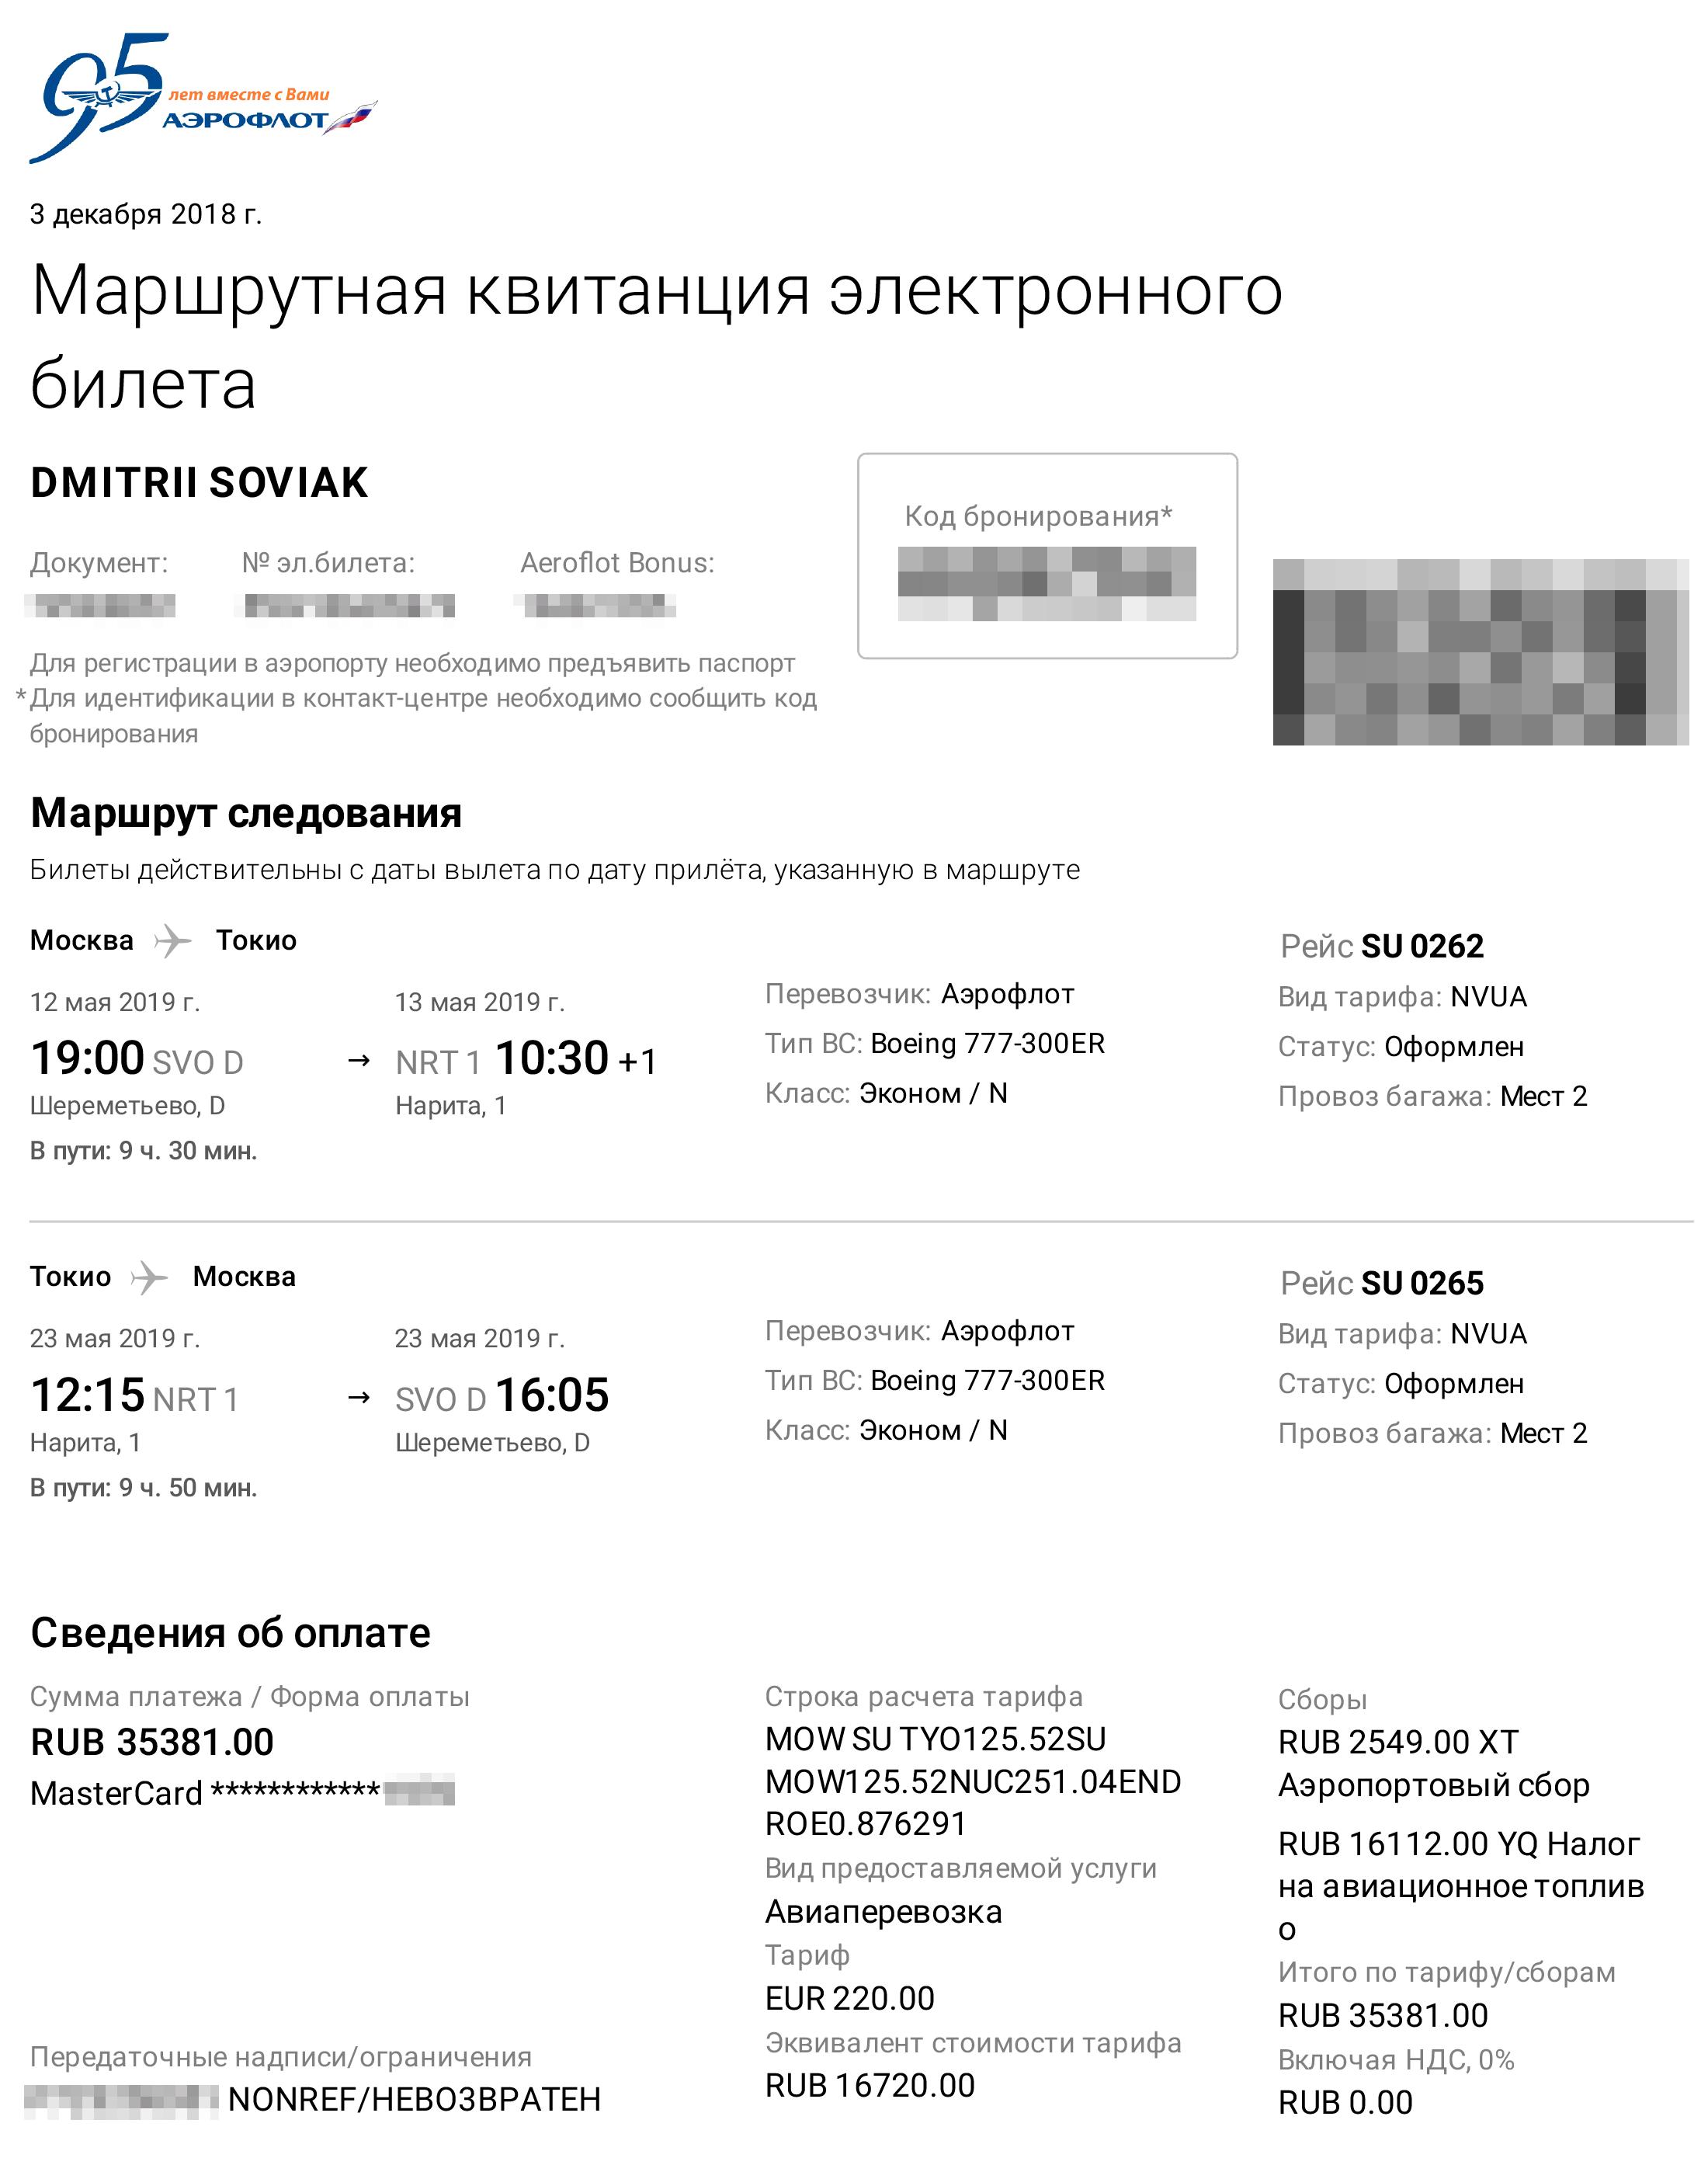 Мой билет по маршруту Москва — Токио — Москва